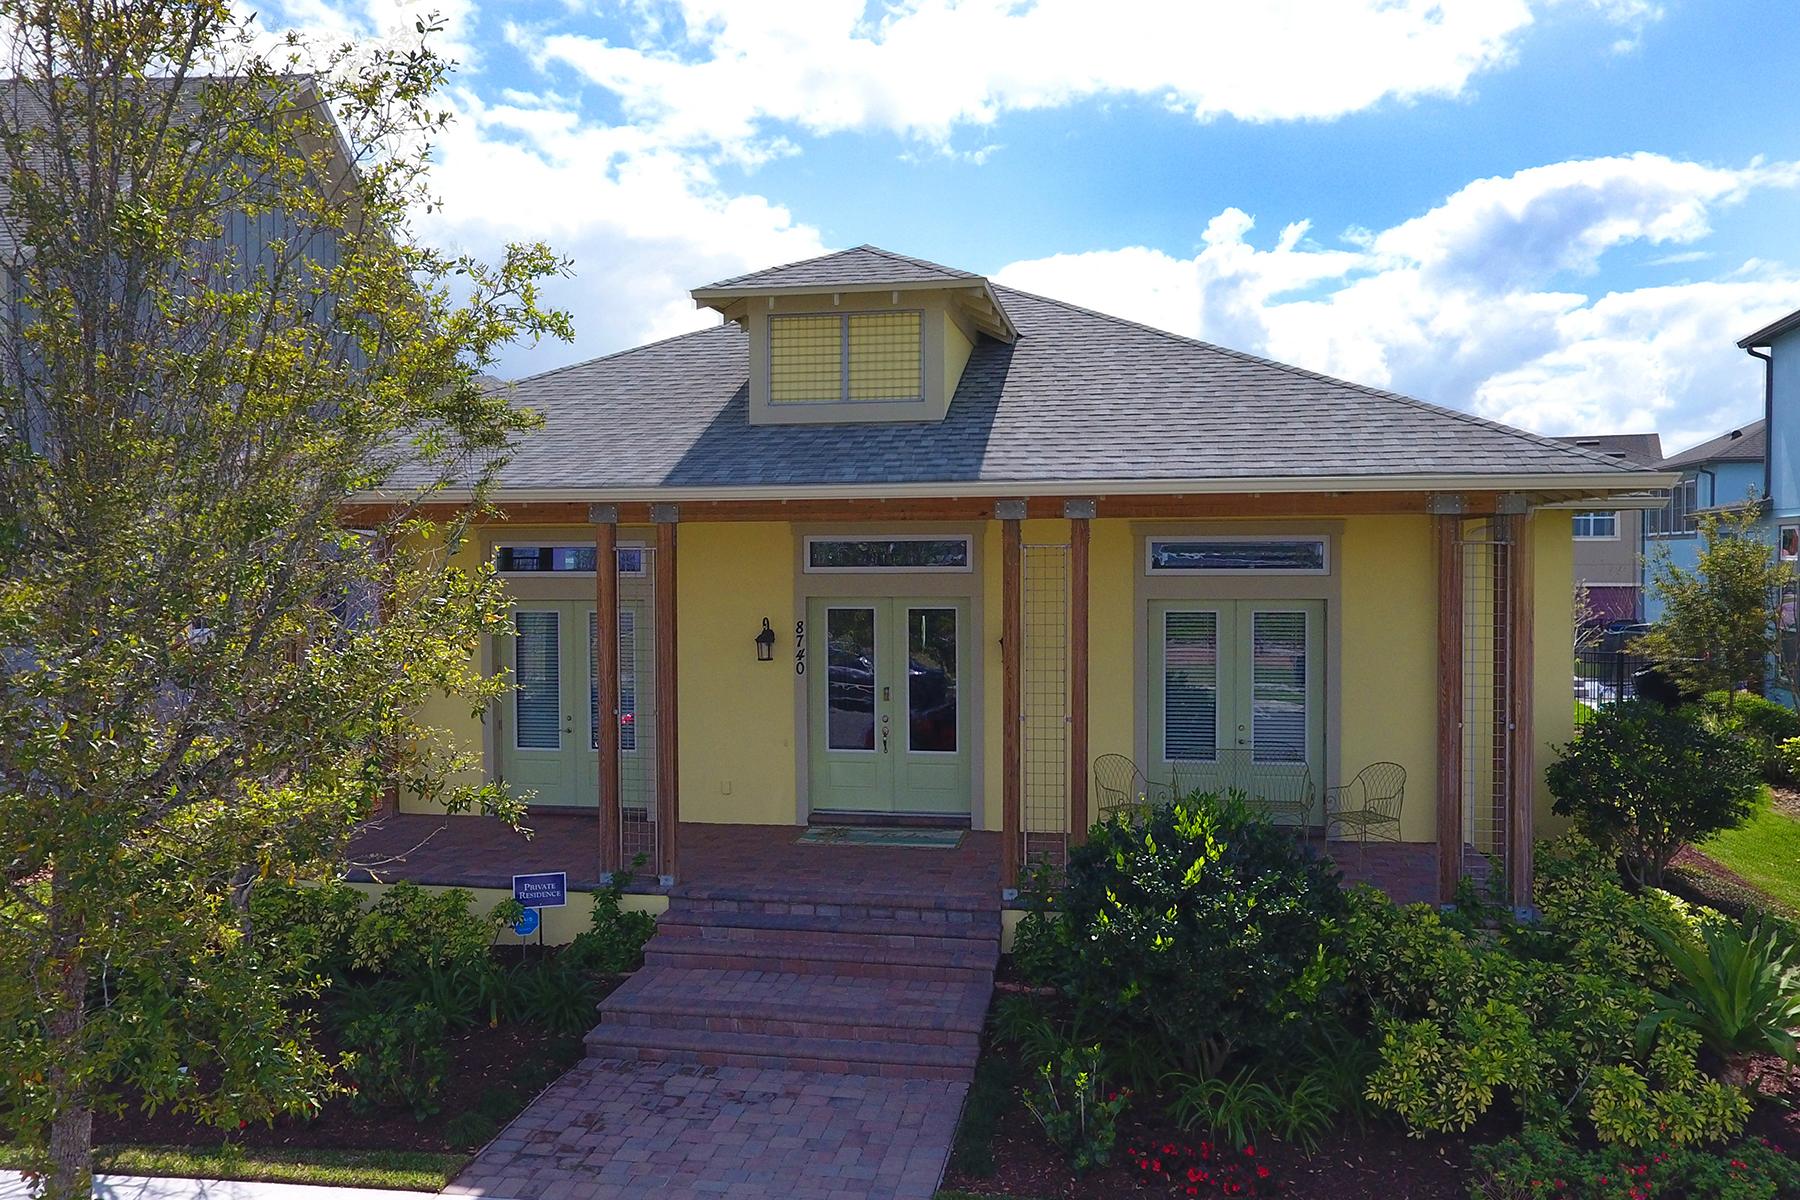 Tek Ailelik Ev için Satış at ORLANDO - LAKE NONA 8740 Pinter St Orlando, Florida, 32827 Amerika Birleşik Devletleri